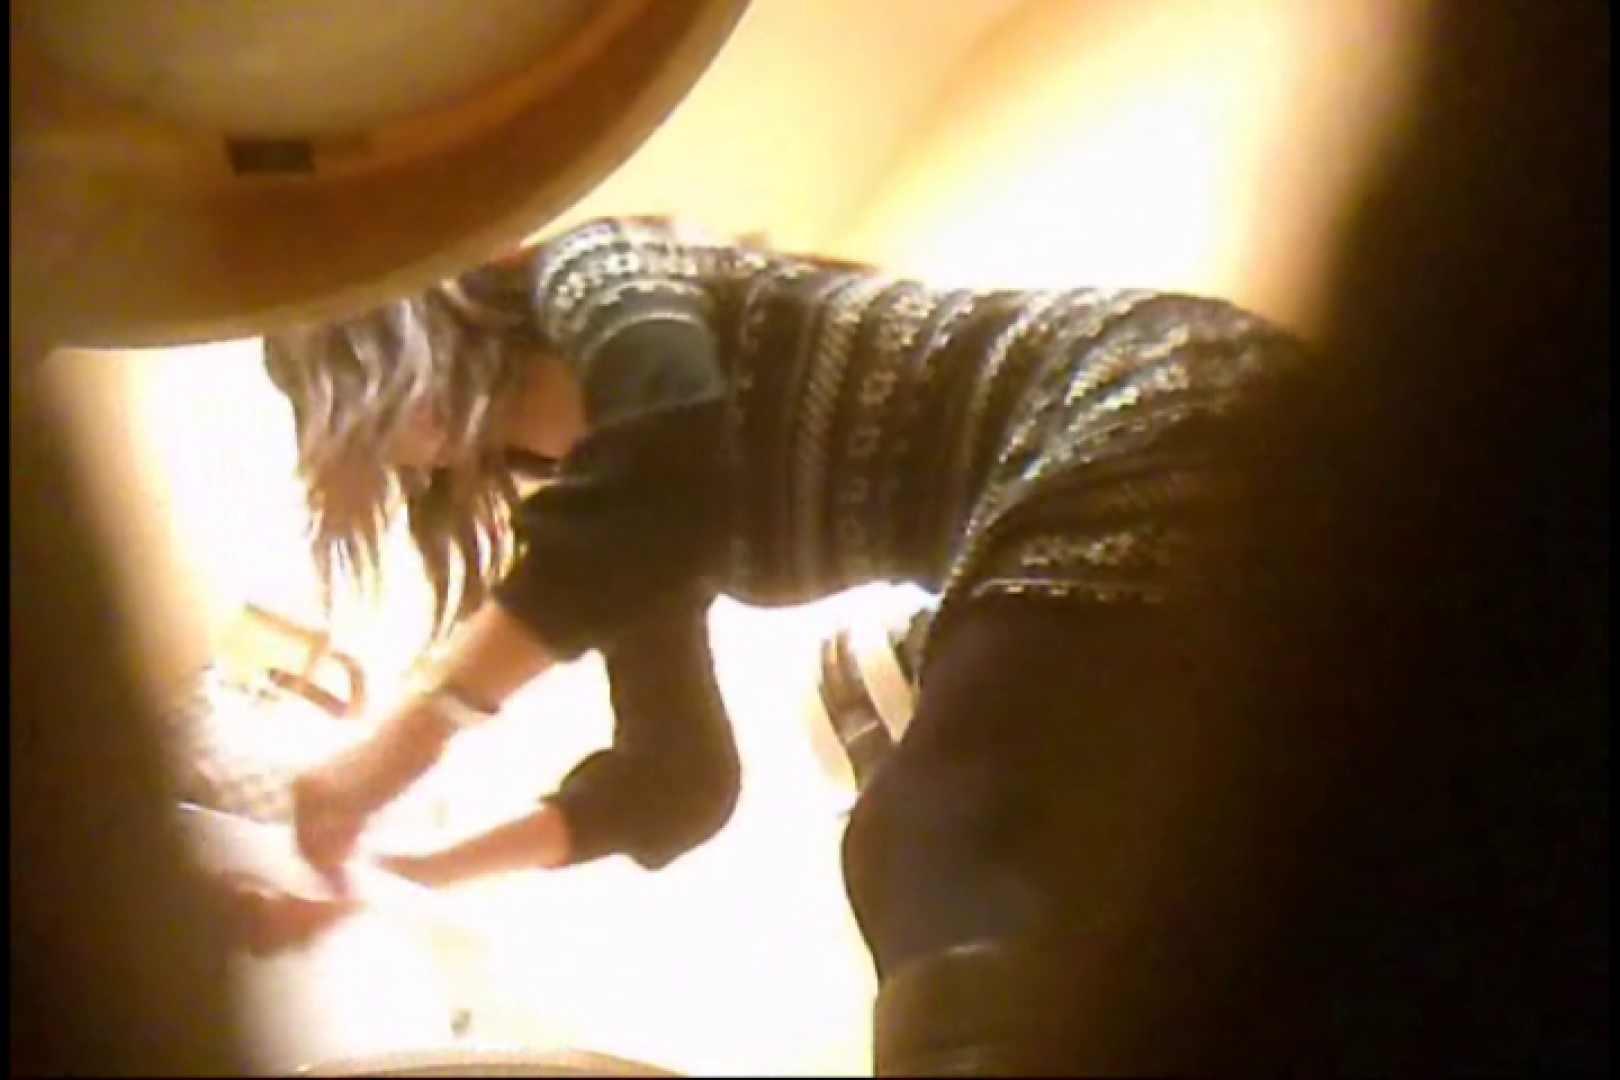 潜入!!女子化粧室盗撮~絶対見られたくない時間~vo,88 熟女のエロ動画 えろ無修正画像 101PIX 47